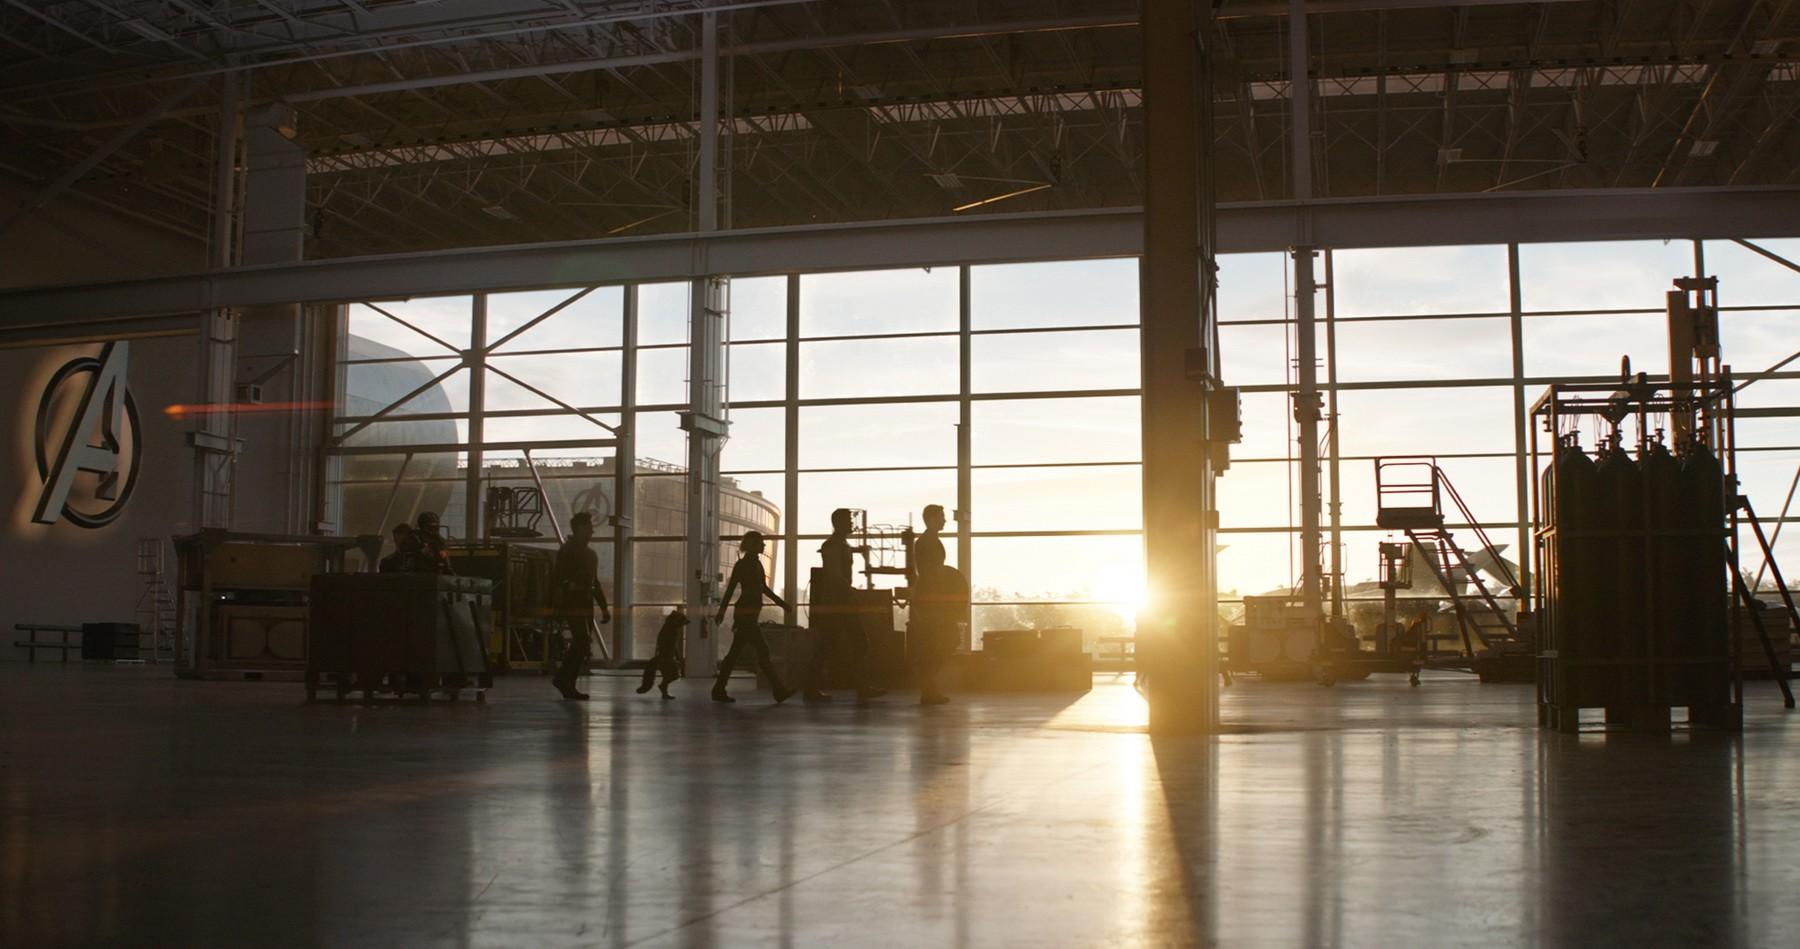 світлини із фильма Фільм - Месники: Завершення